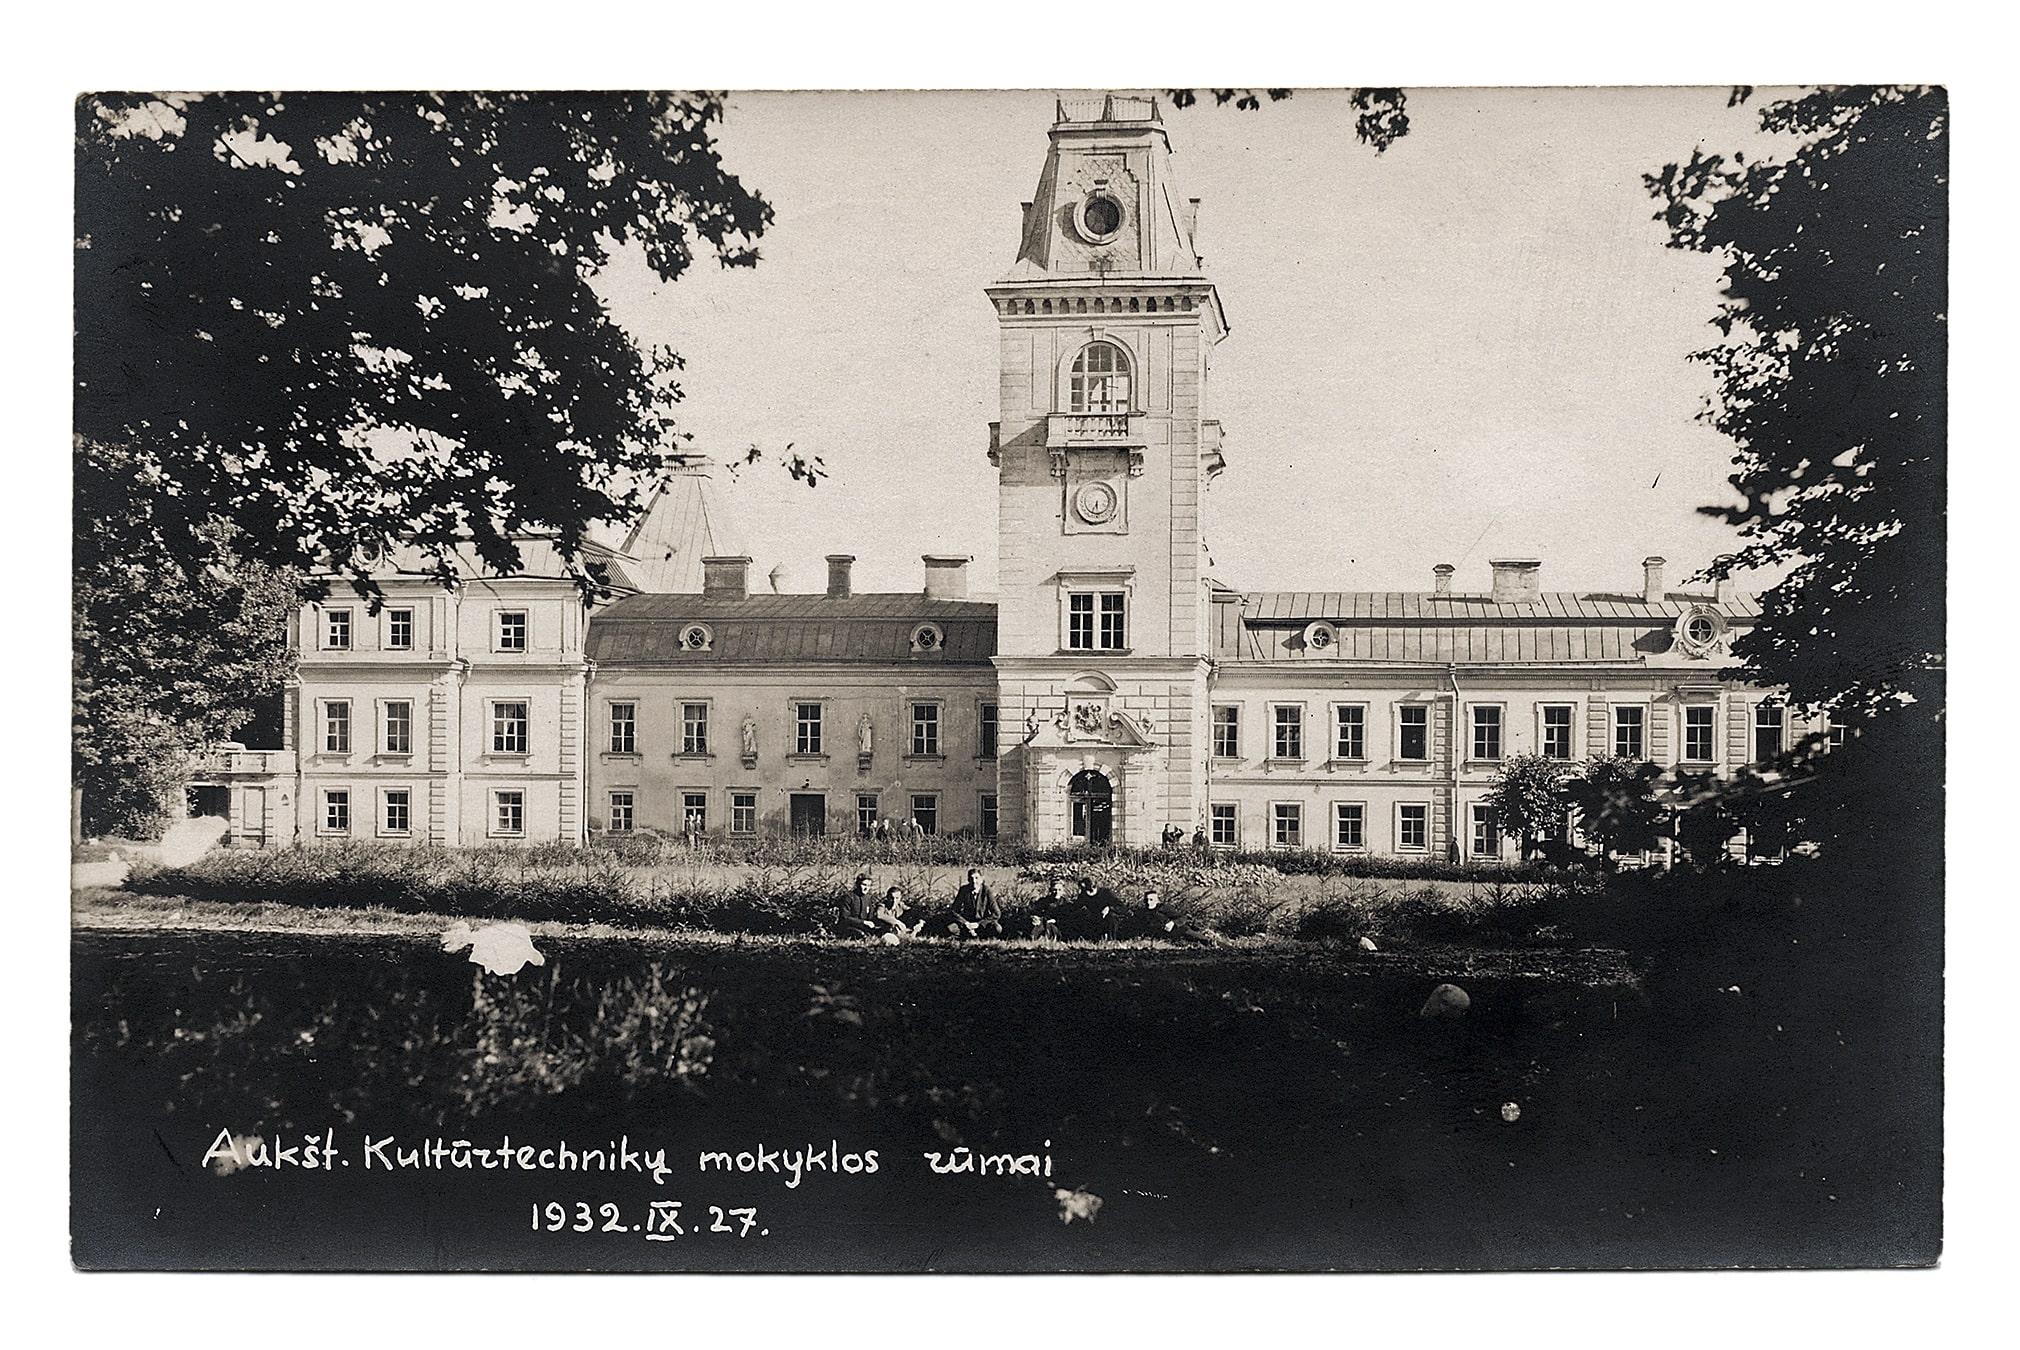 Aukštesnioji kultūrtechnikų mokykla buvusiuose Kėdainių dvaro rūmuose, 1932 rugsėjo 27 d. 1944 m. liepos 30 d. susprogdinta nacių